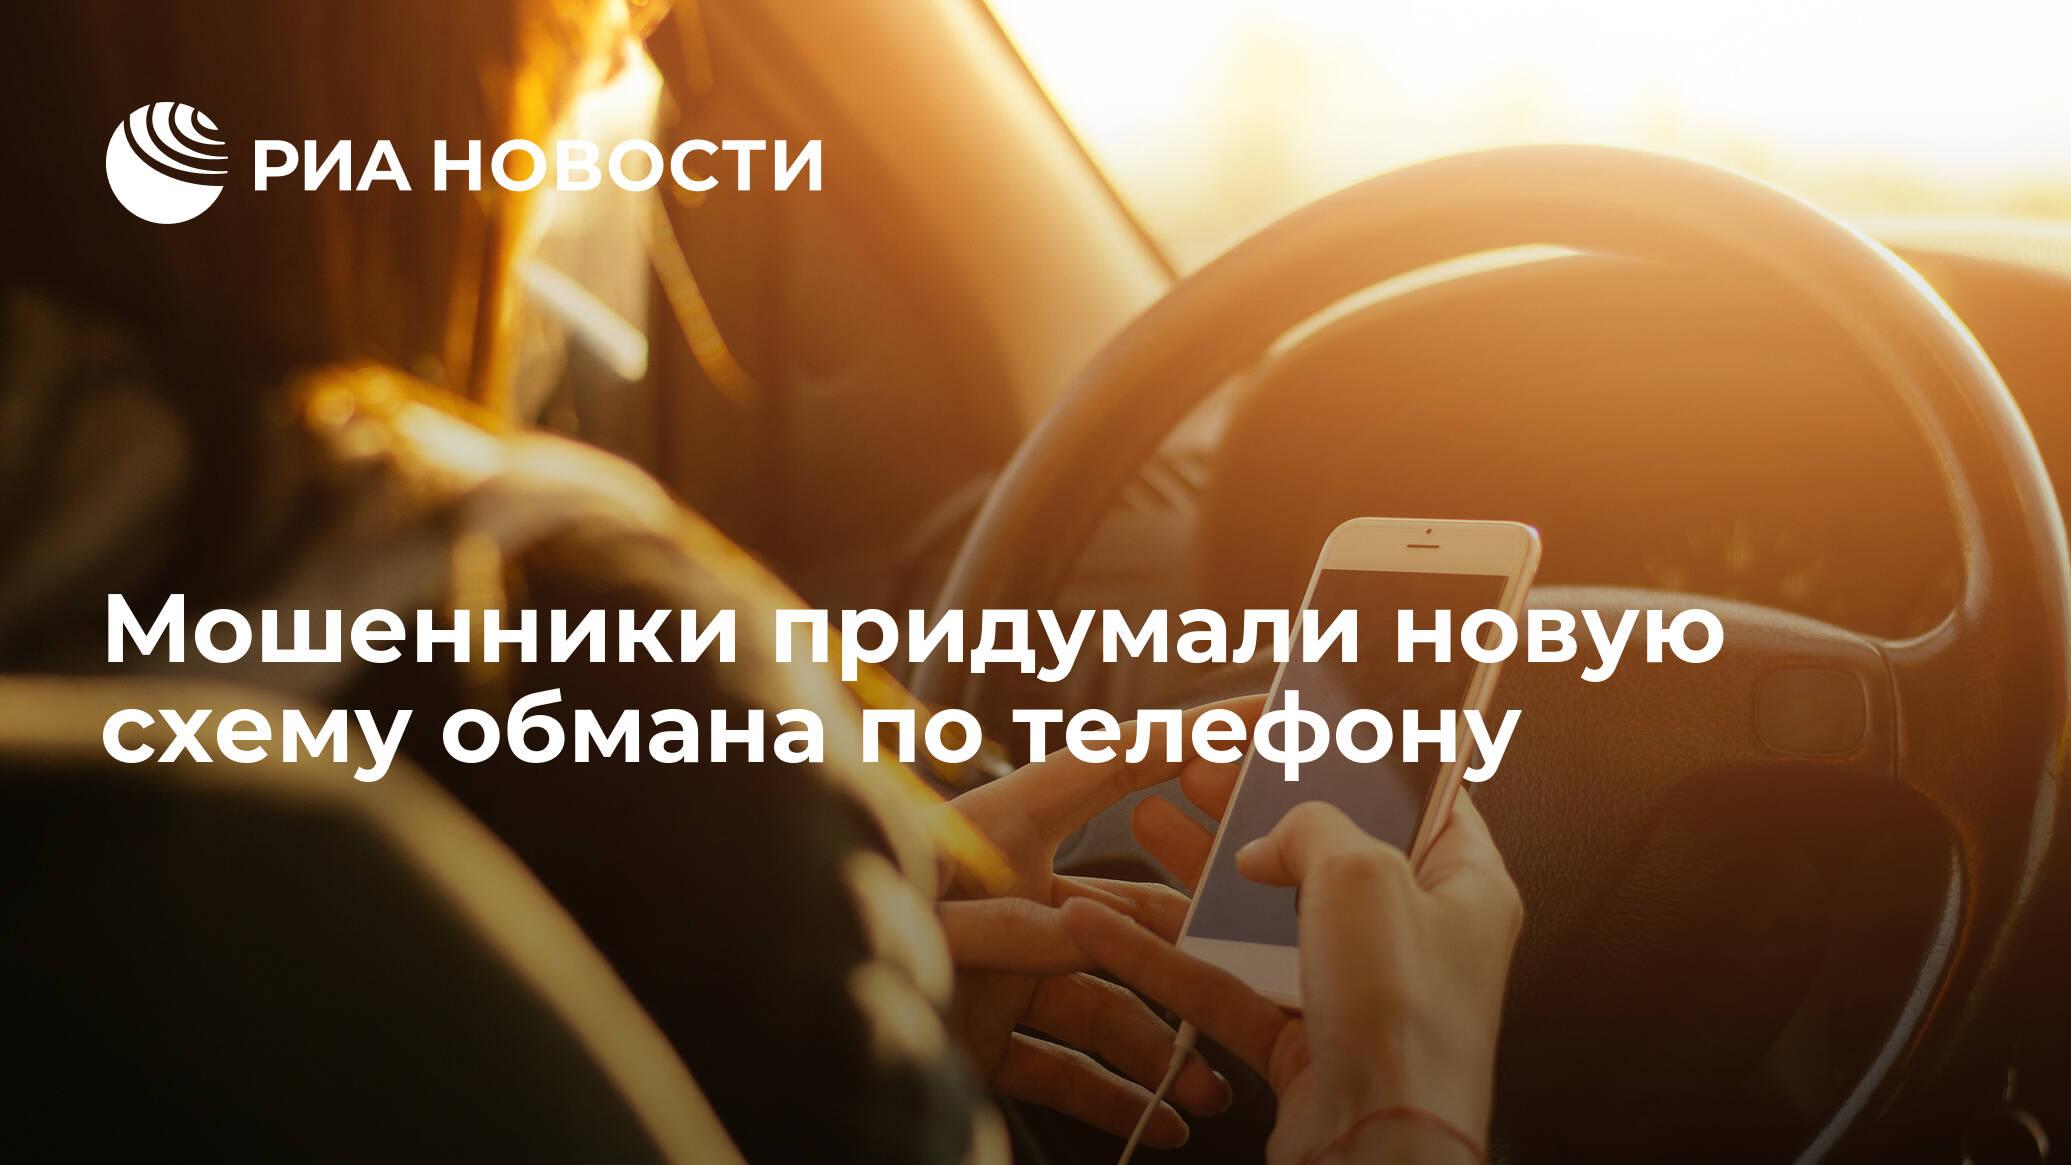 Мошенники придумали новую схему обмана по телефону - РИА НОВОСТИ